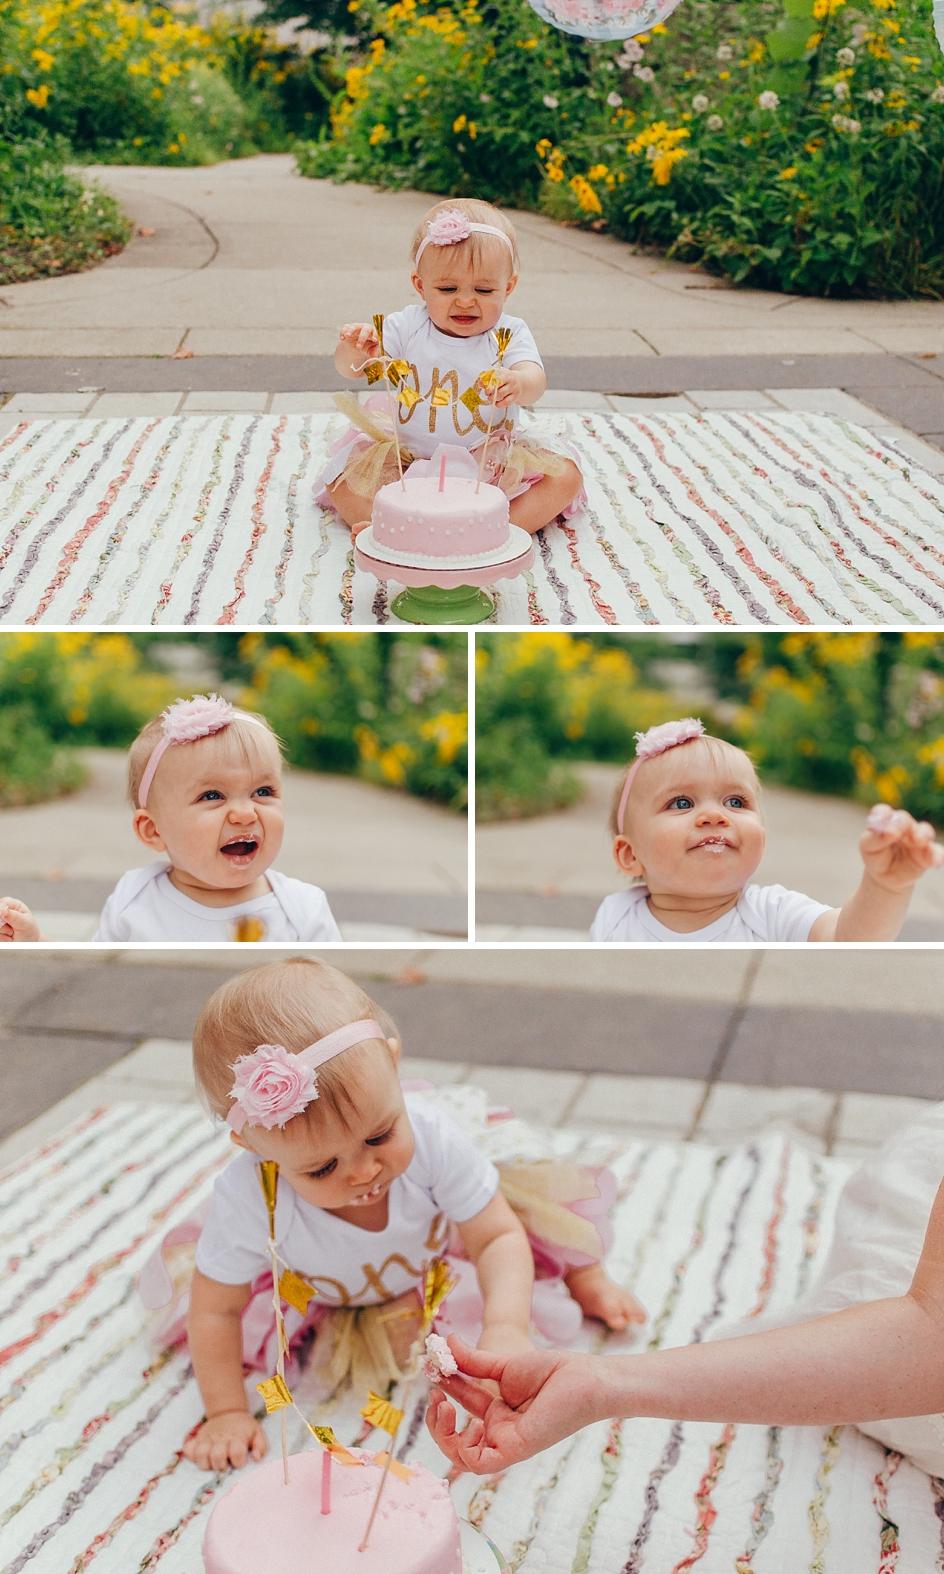 indianapolis-cake-smash-photographer_0016.jpg